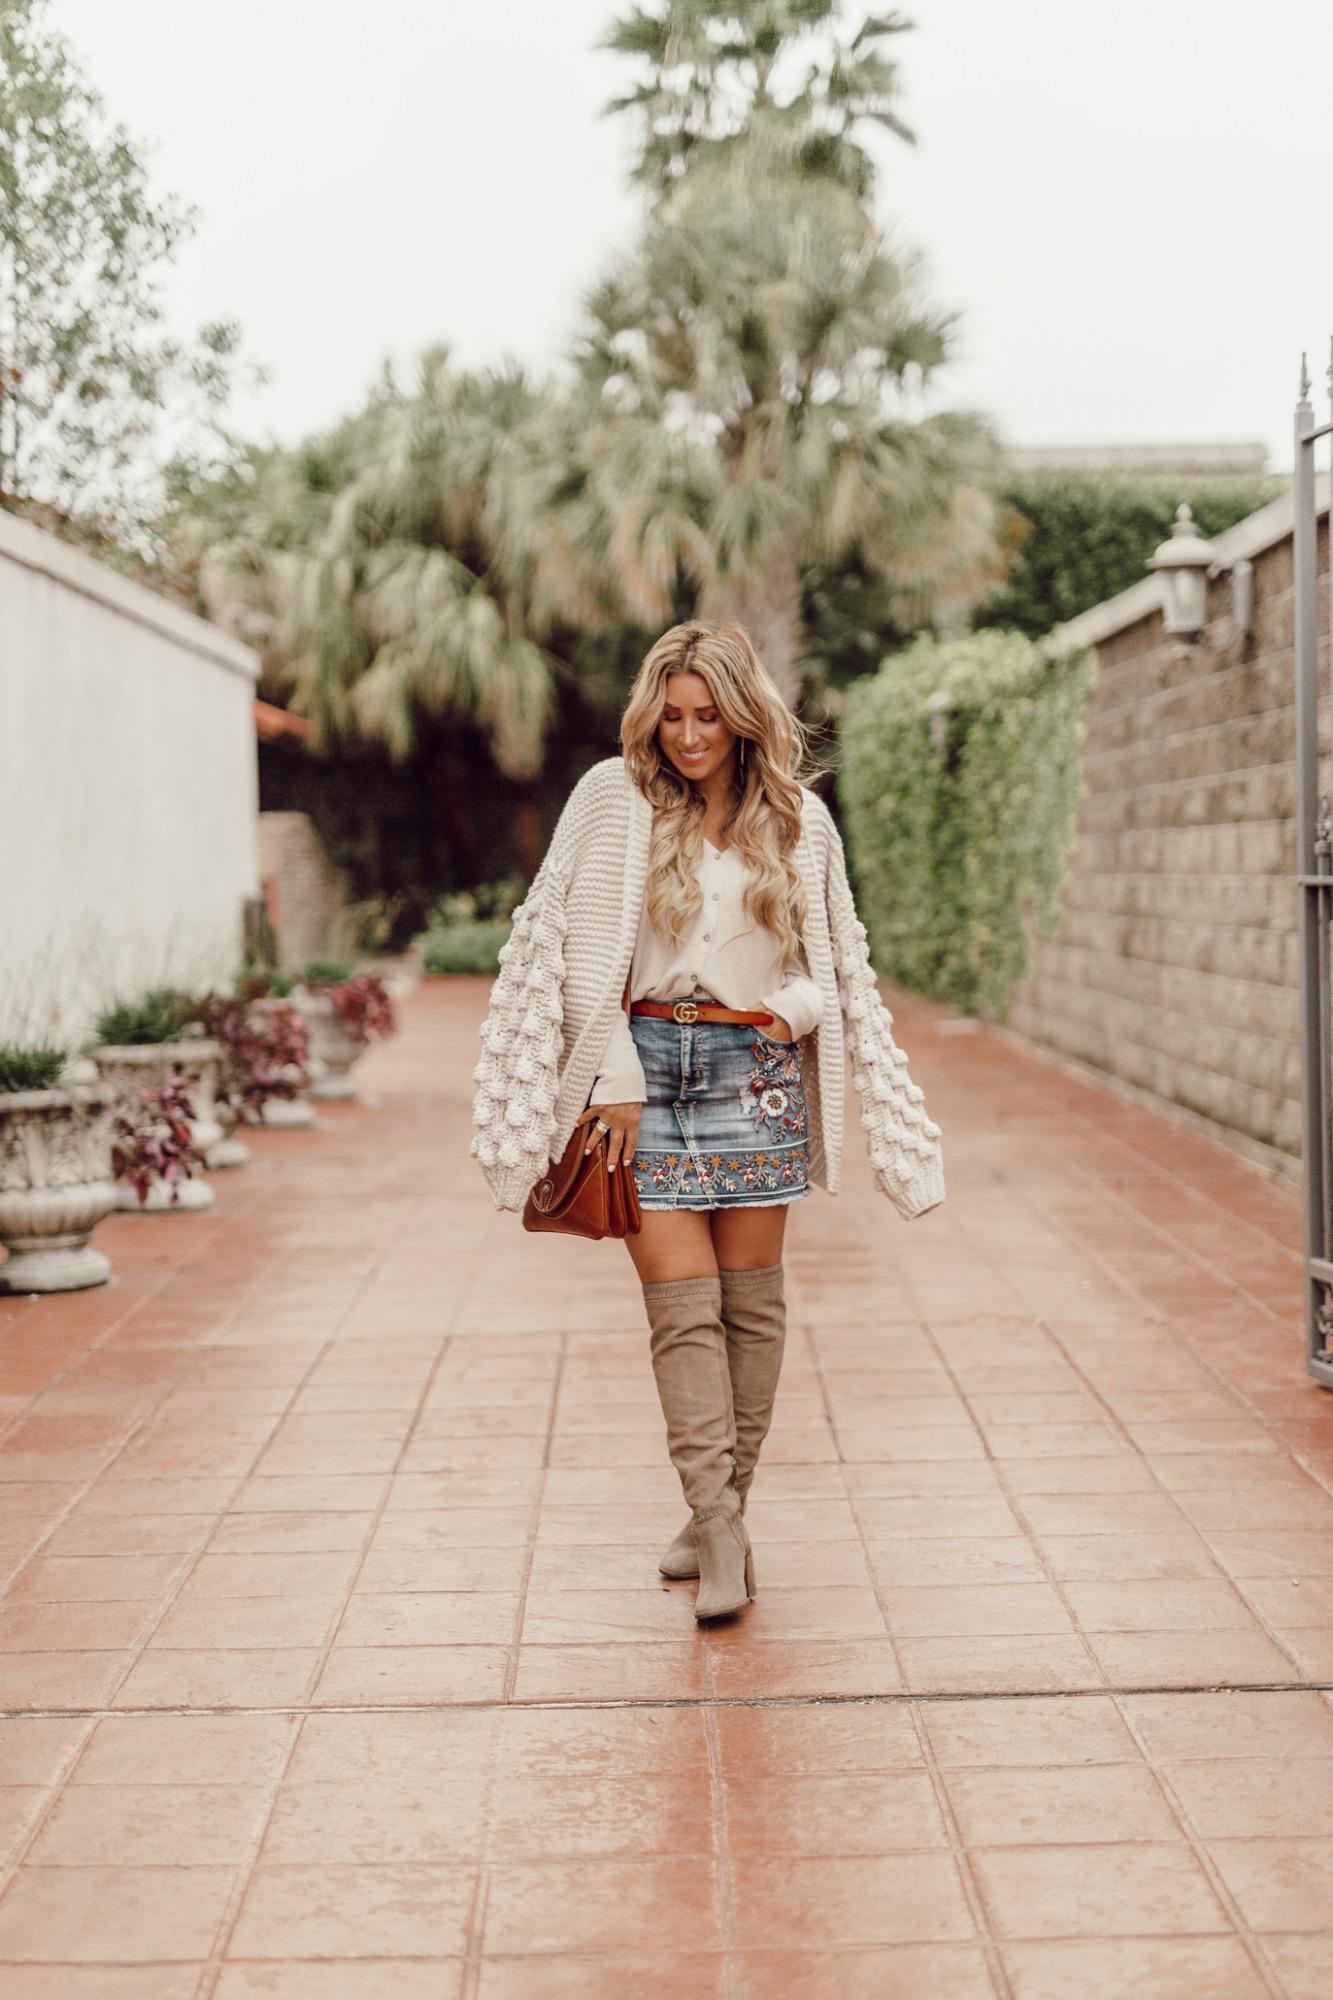 denim skirt fall outfit idea